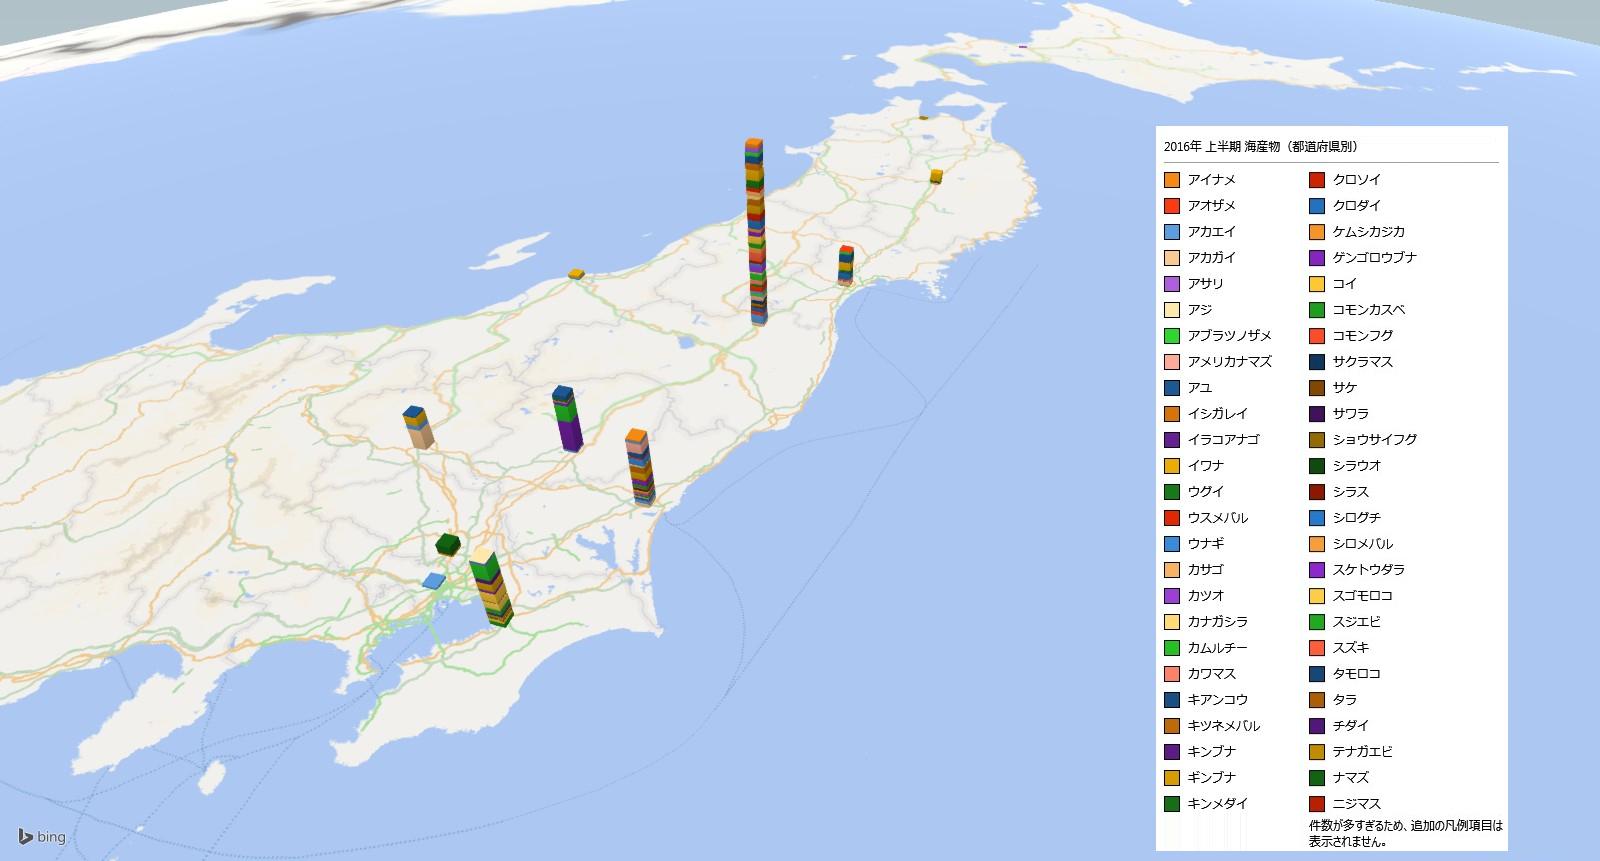 海産物の放射能検査地図(都道府県別)